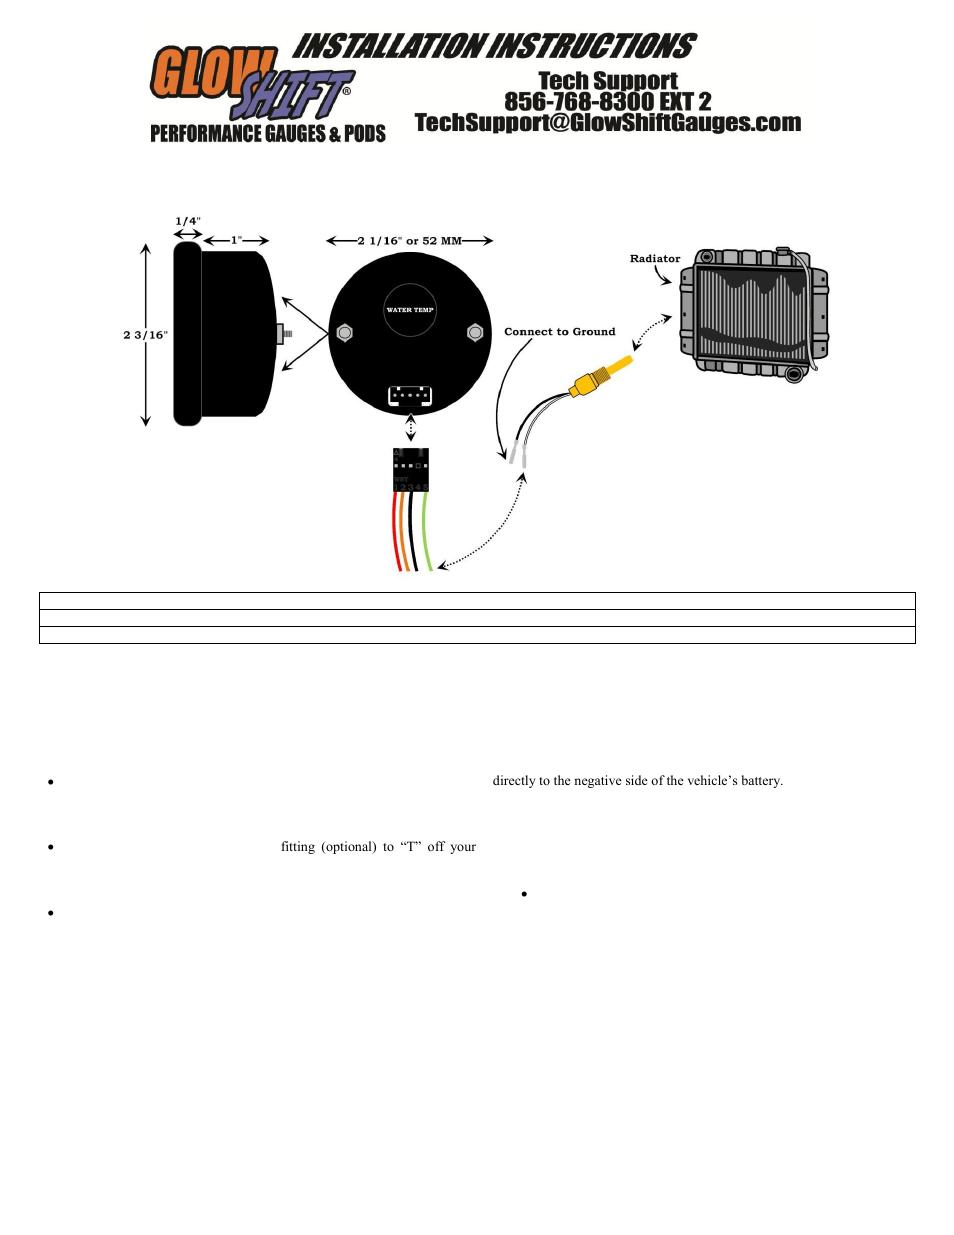 medium resolution of glowshift digital series celsius water temperature gauge user manual 3 pages also for celsius water temperature gauge